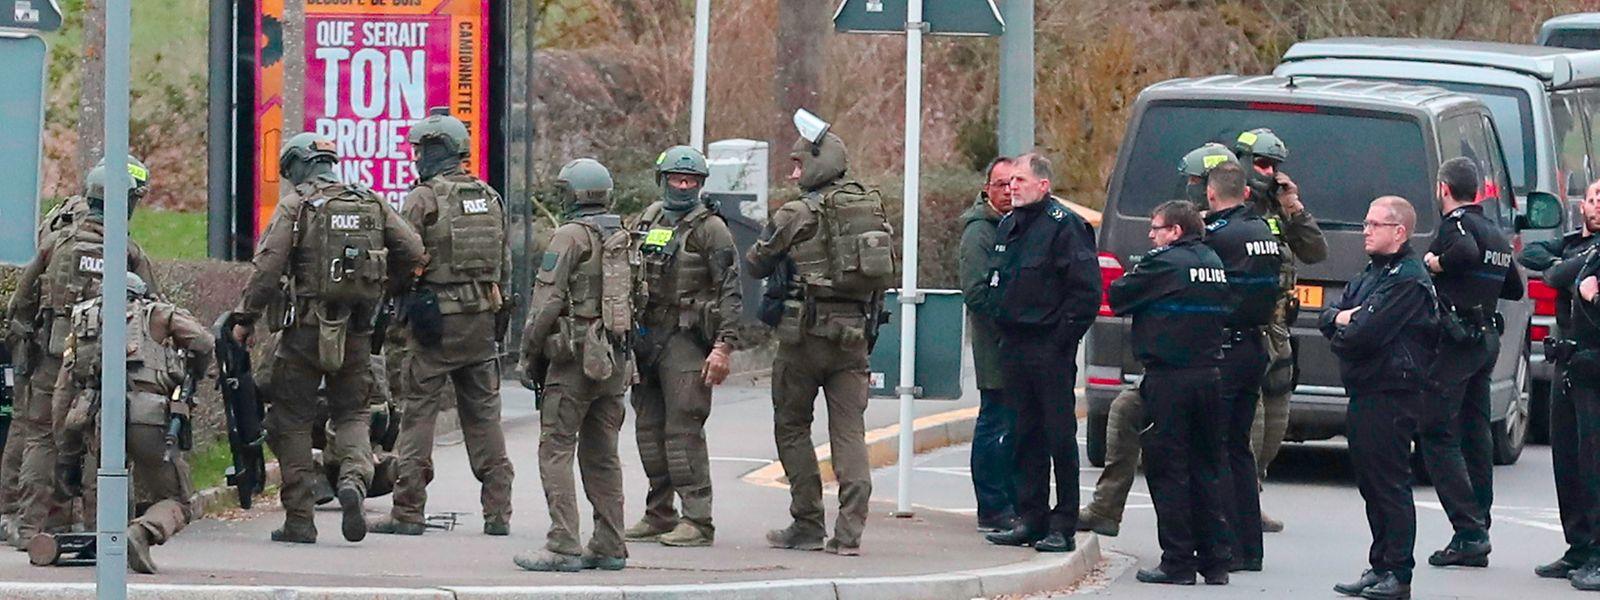 D'importants dispositifs ont été déployés dans le quartier: forces spéciales et policiers sont sur le qui-vive.